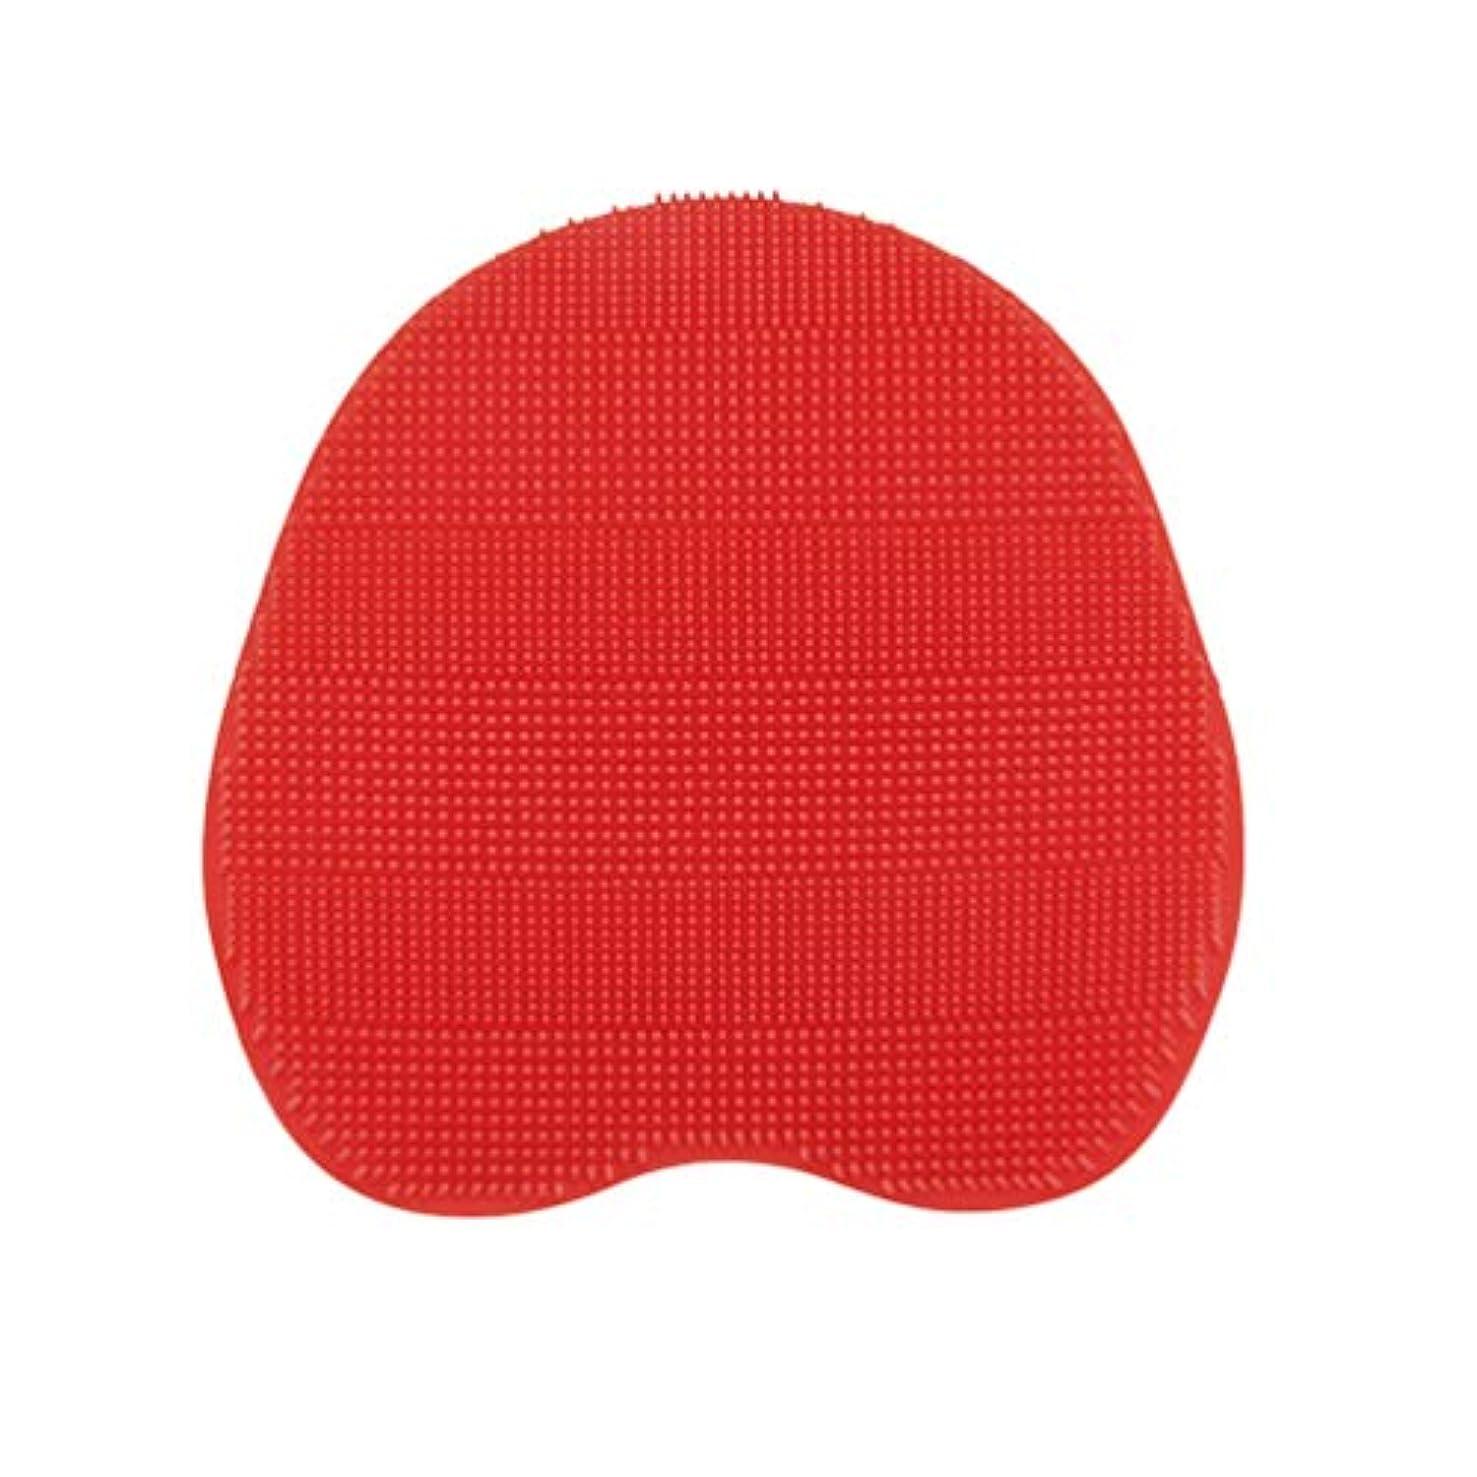 アセンブリ野心的嘆願SUPVOX 乾燥肌クレードルキャップおよび湿疹用のベビーバスシリコンブラシ(赤)